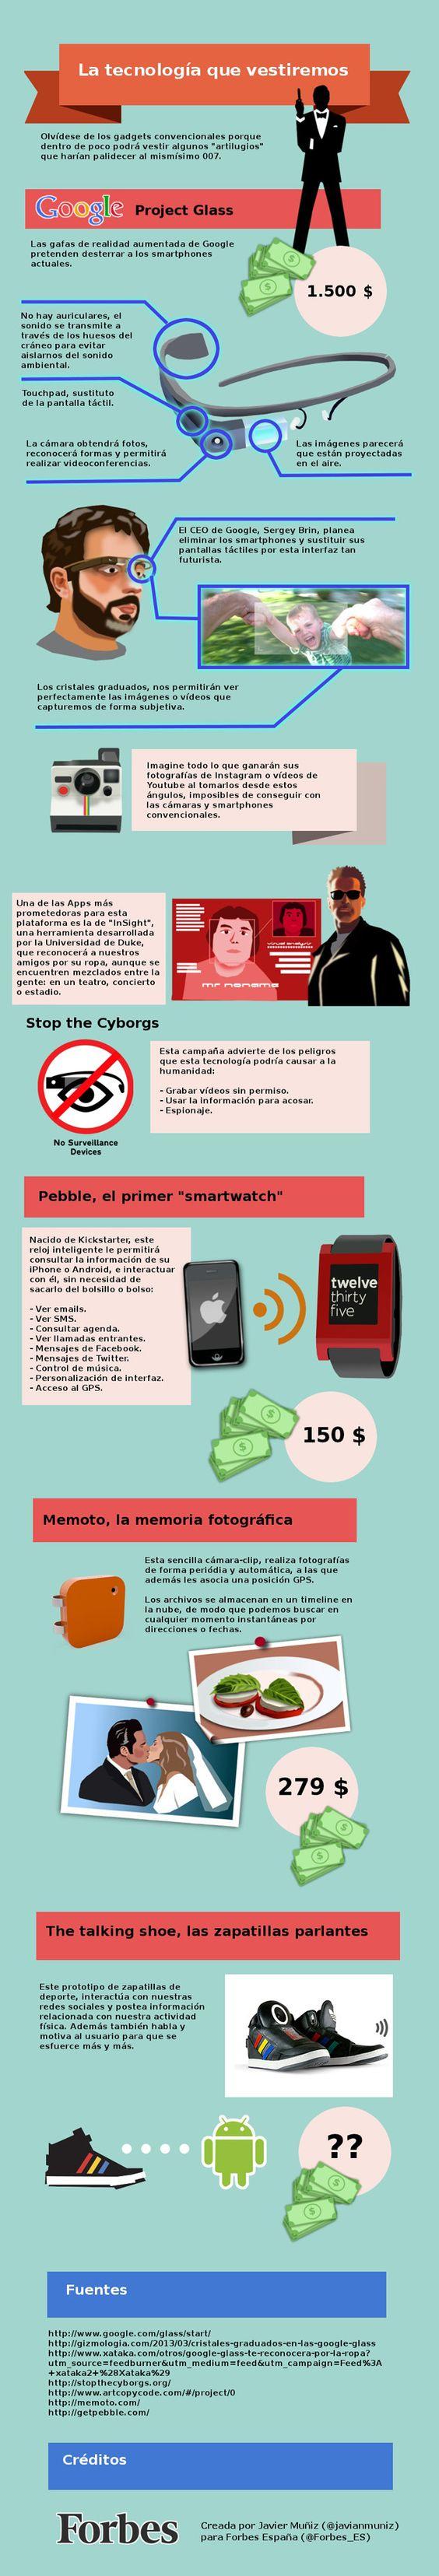 La tecnología que vestiremos en el futuro #infografia: